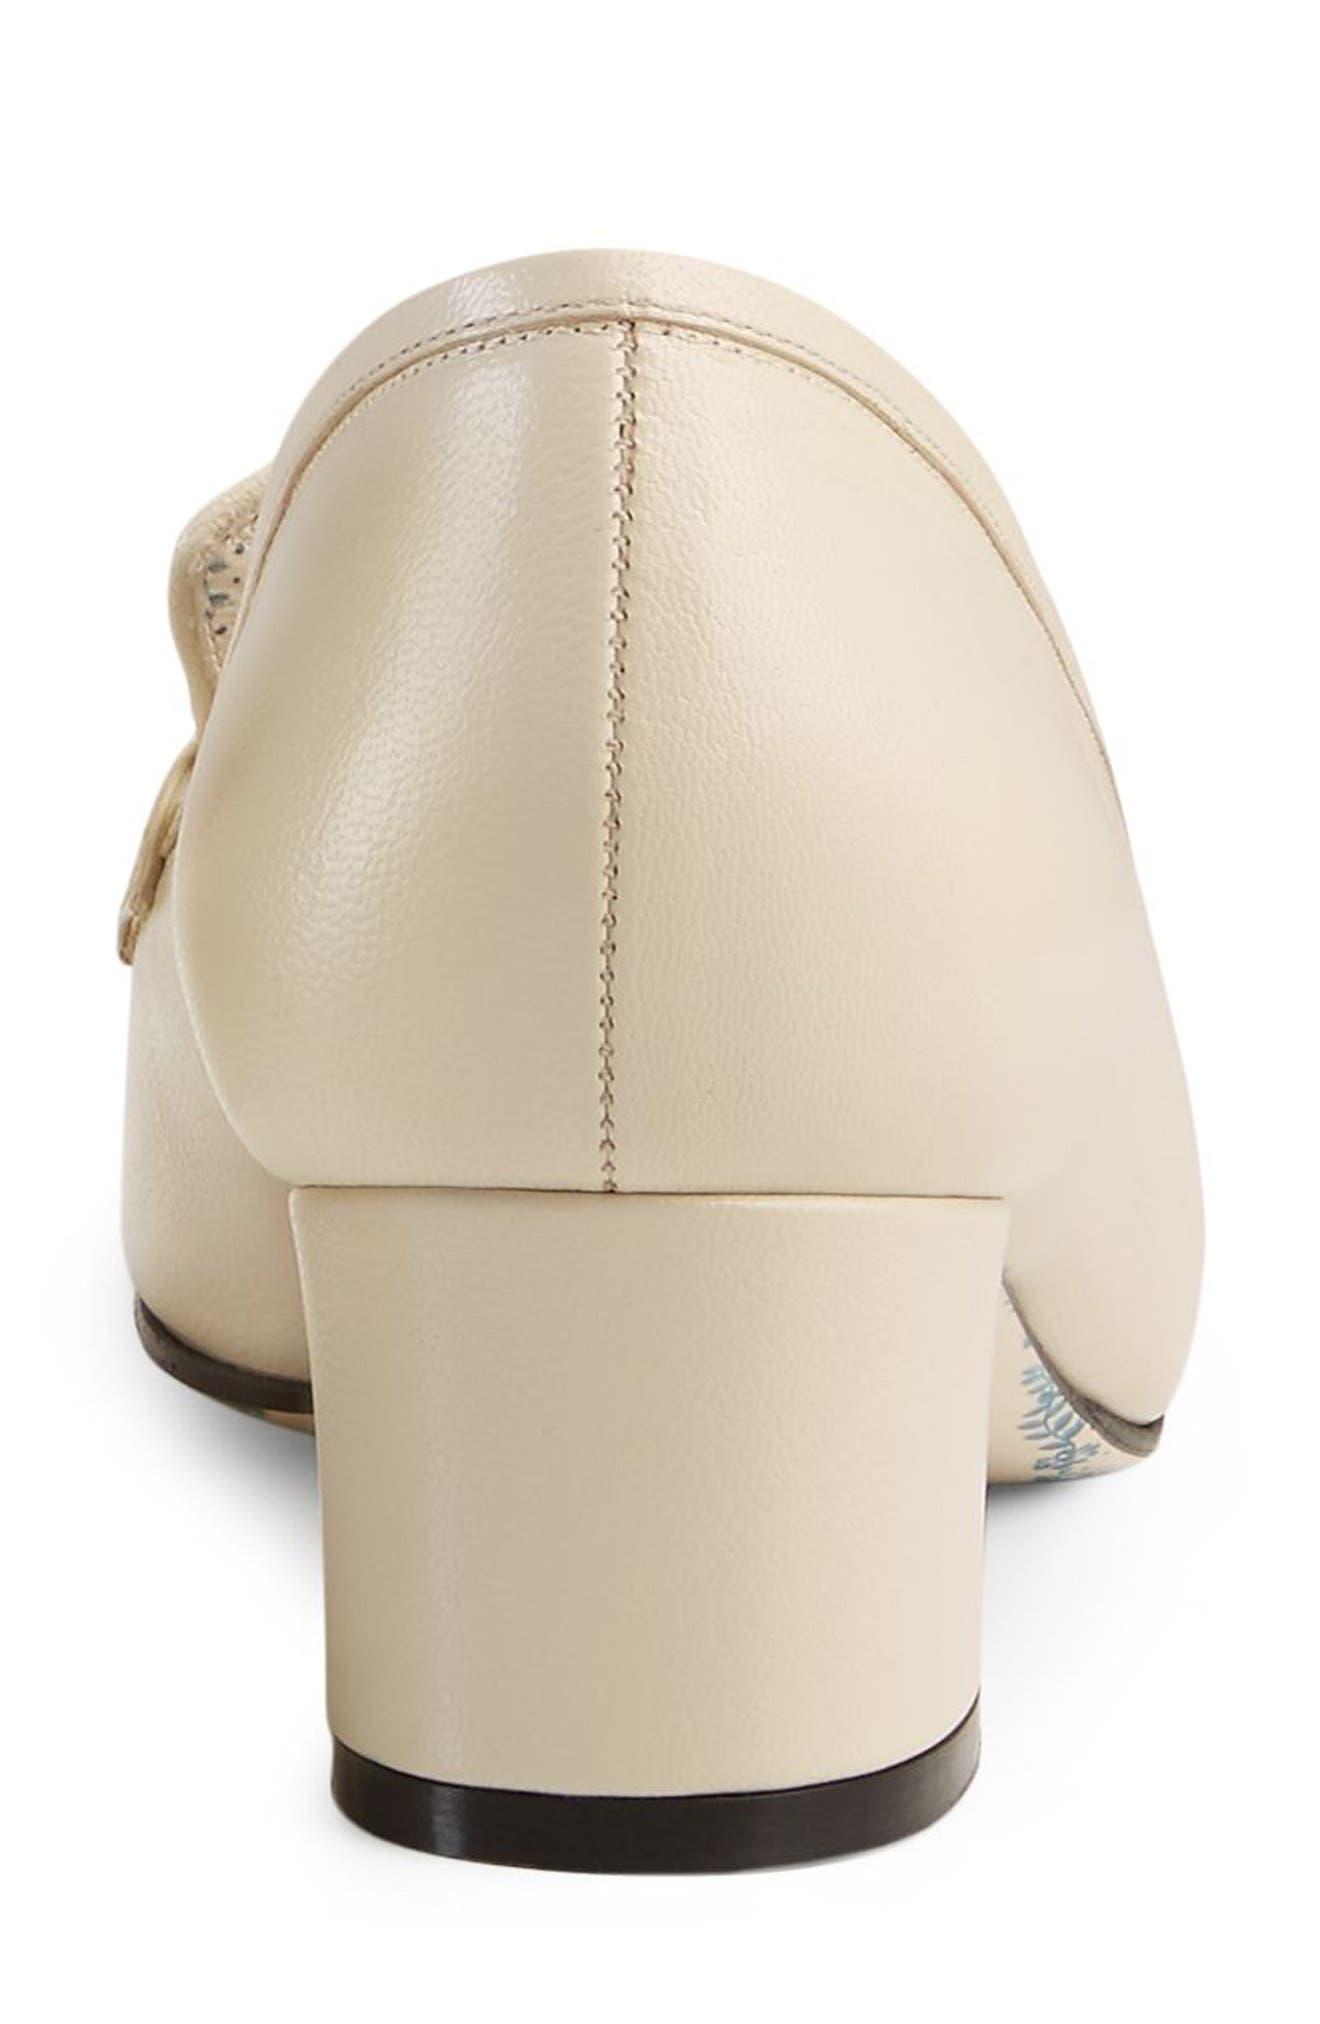 Ginger Crystal Embellished Loafer Pump,                             Alternate thumbnail 4, color,                             Ivory